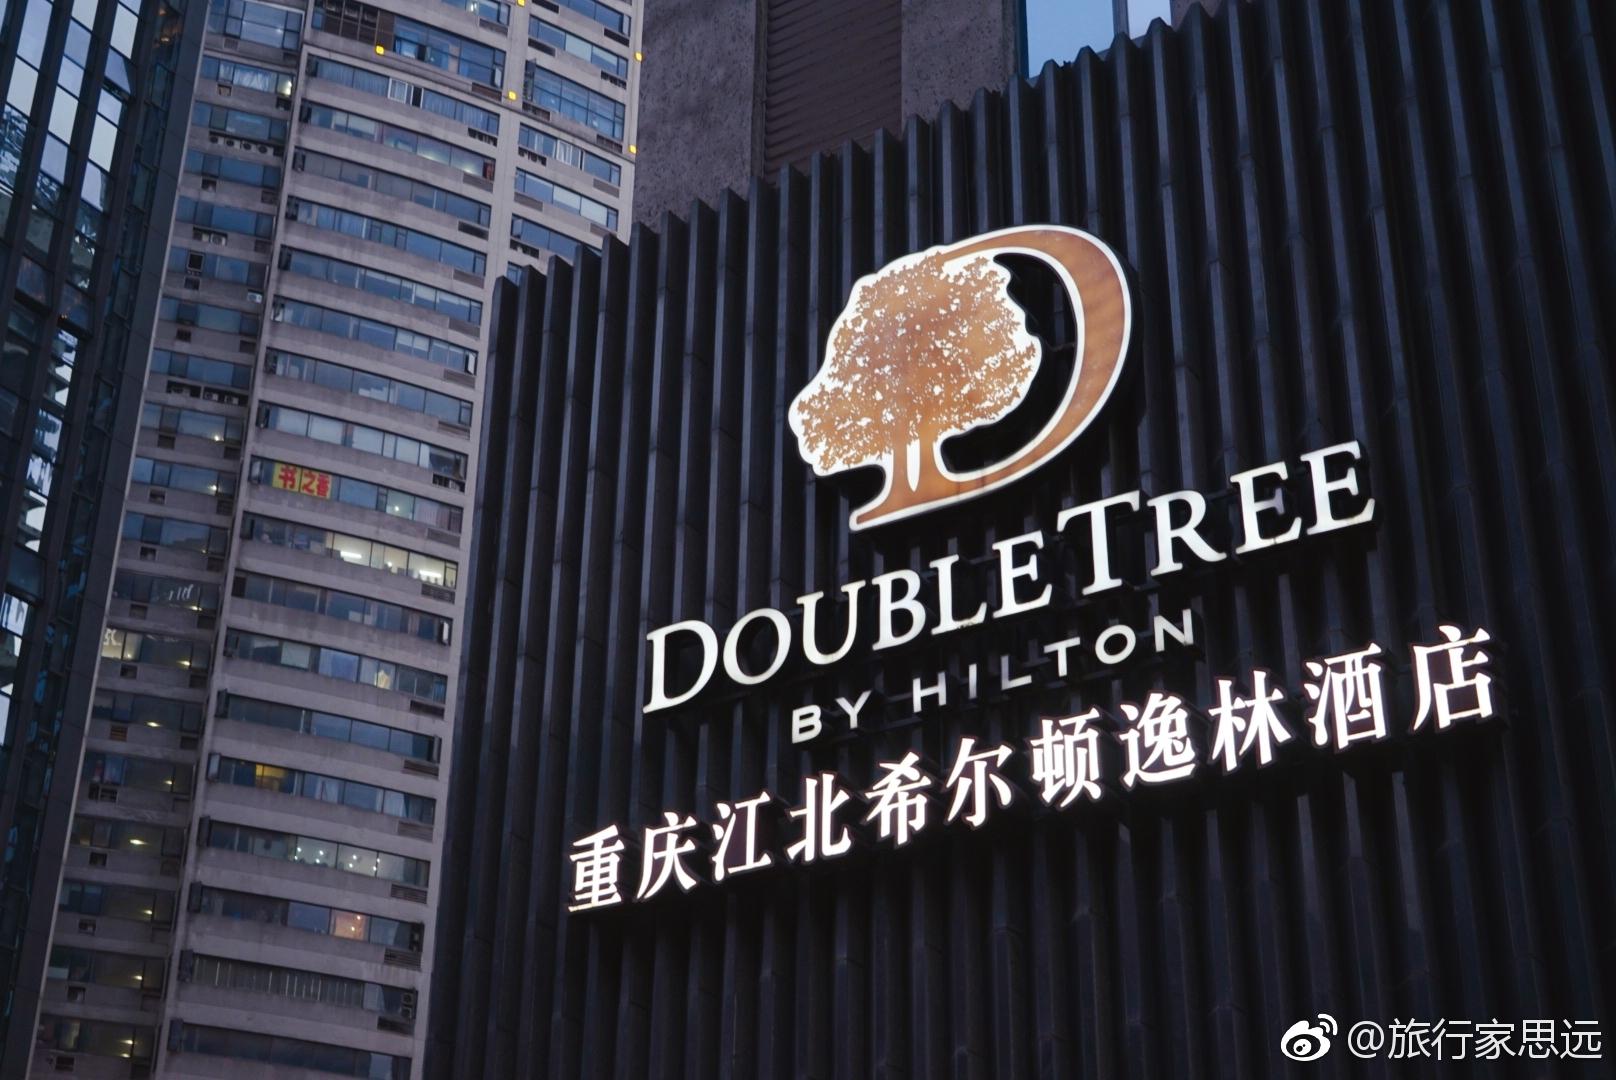 两天的时间里体验了酒店的中餐厅与行政酒廊